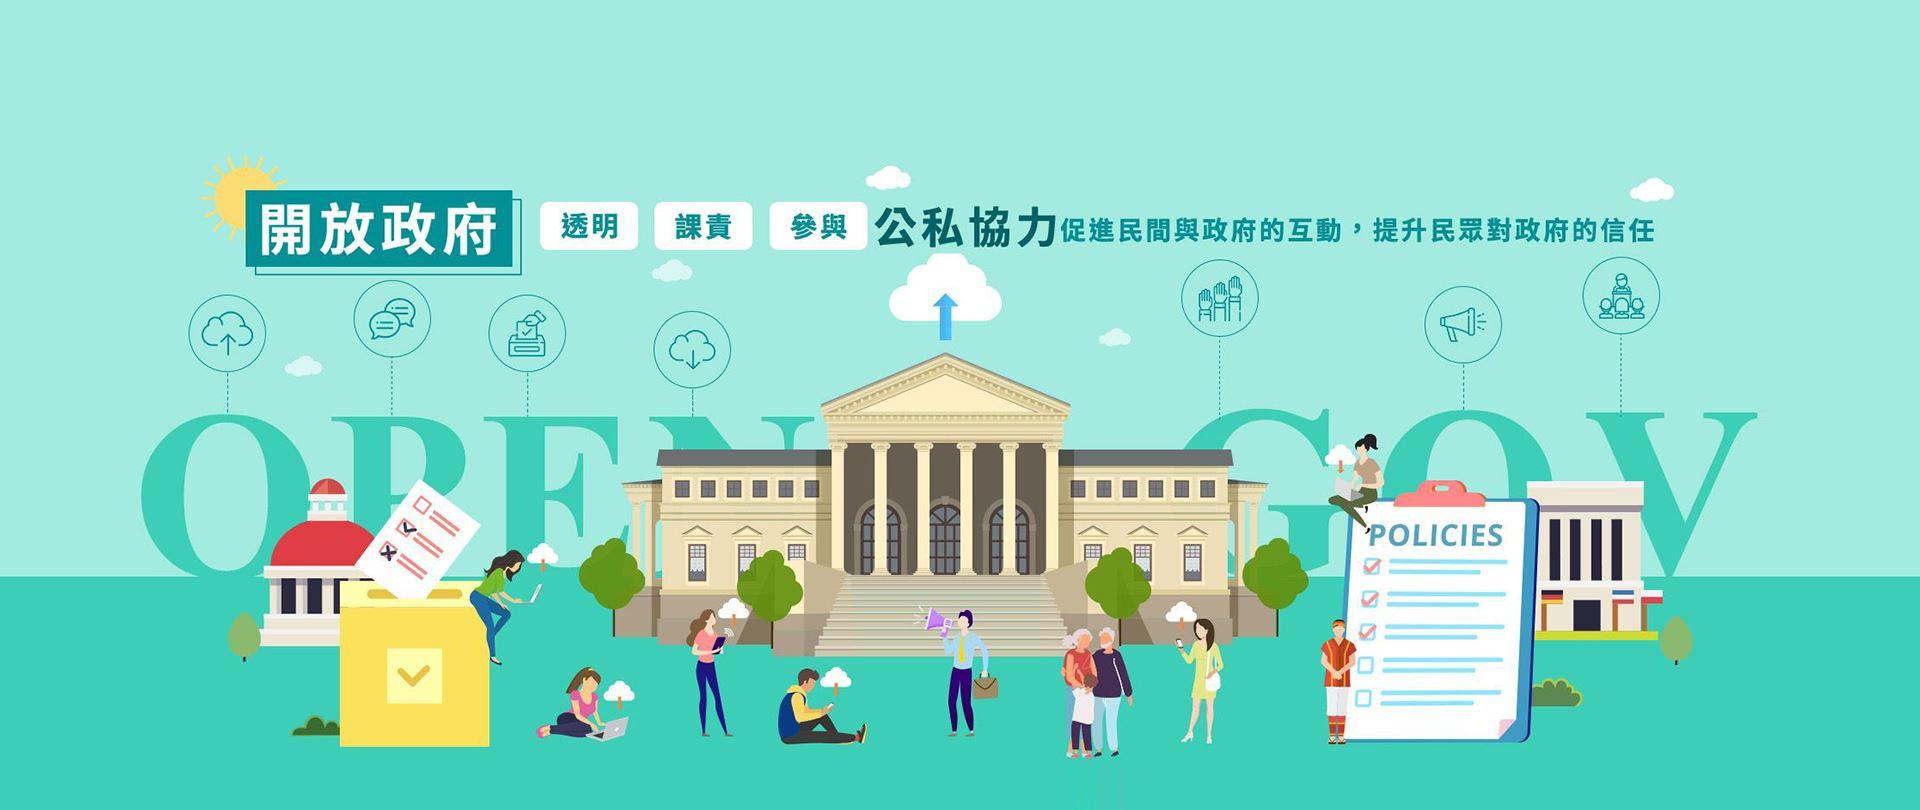 公私協力共創透明、課責、參與的政府